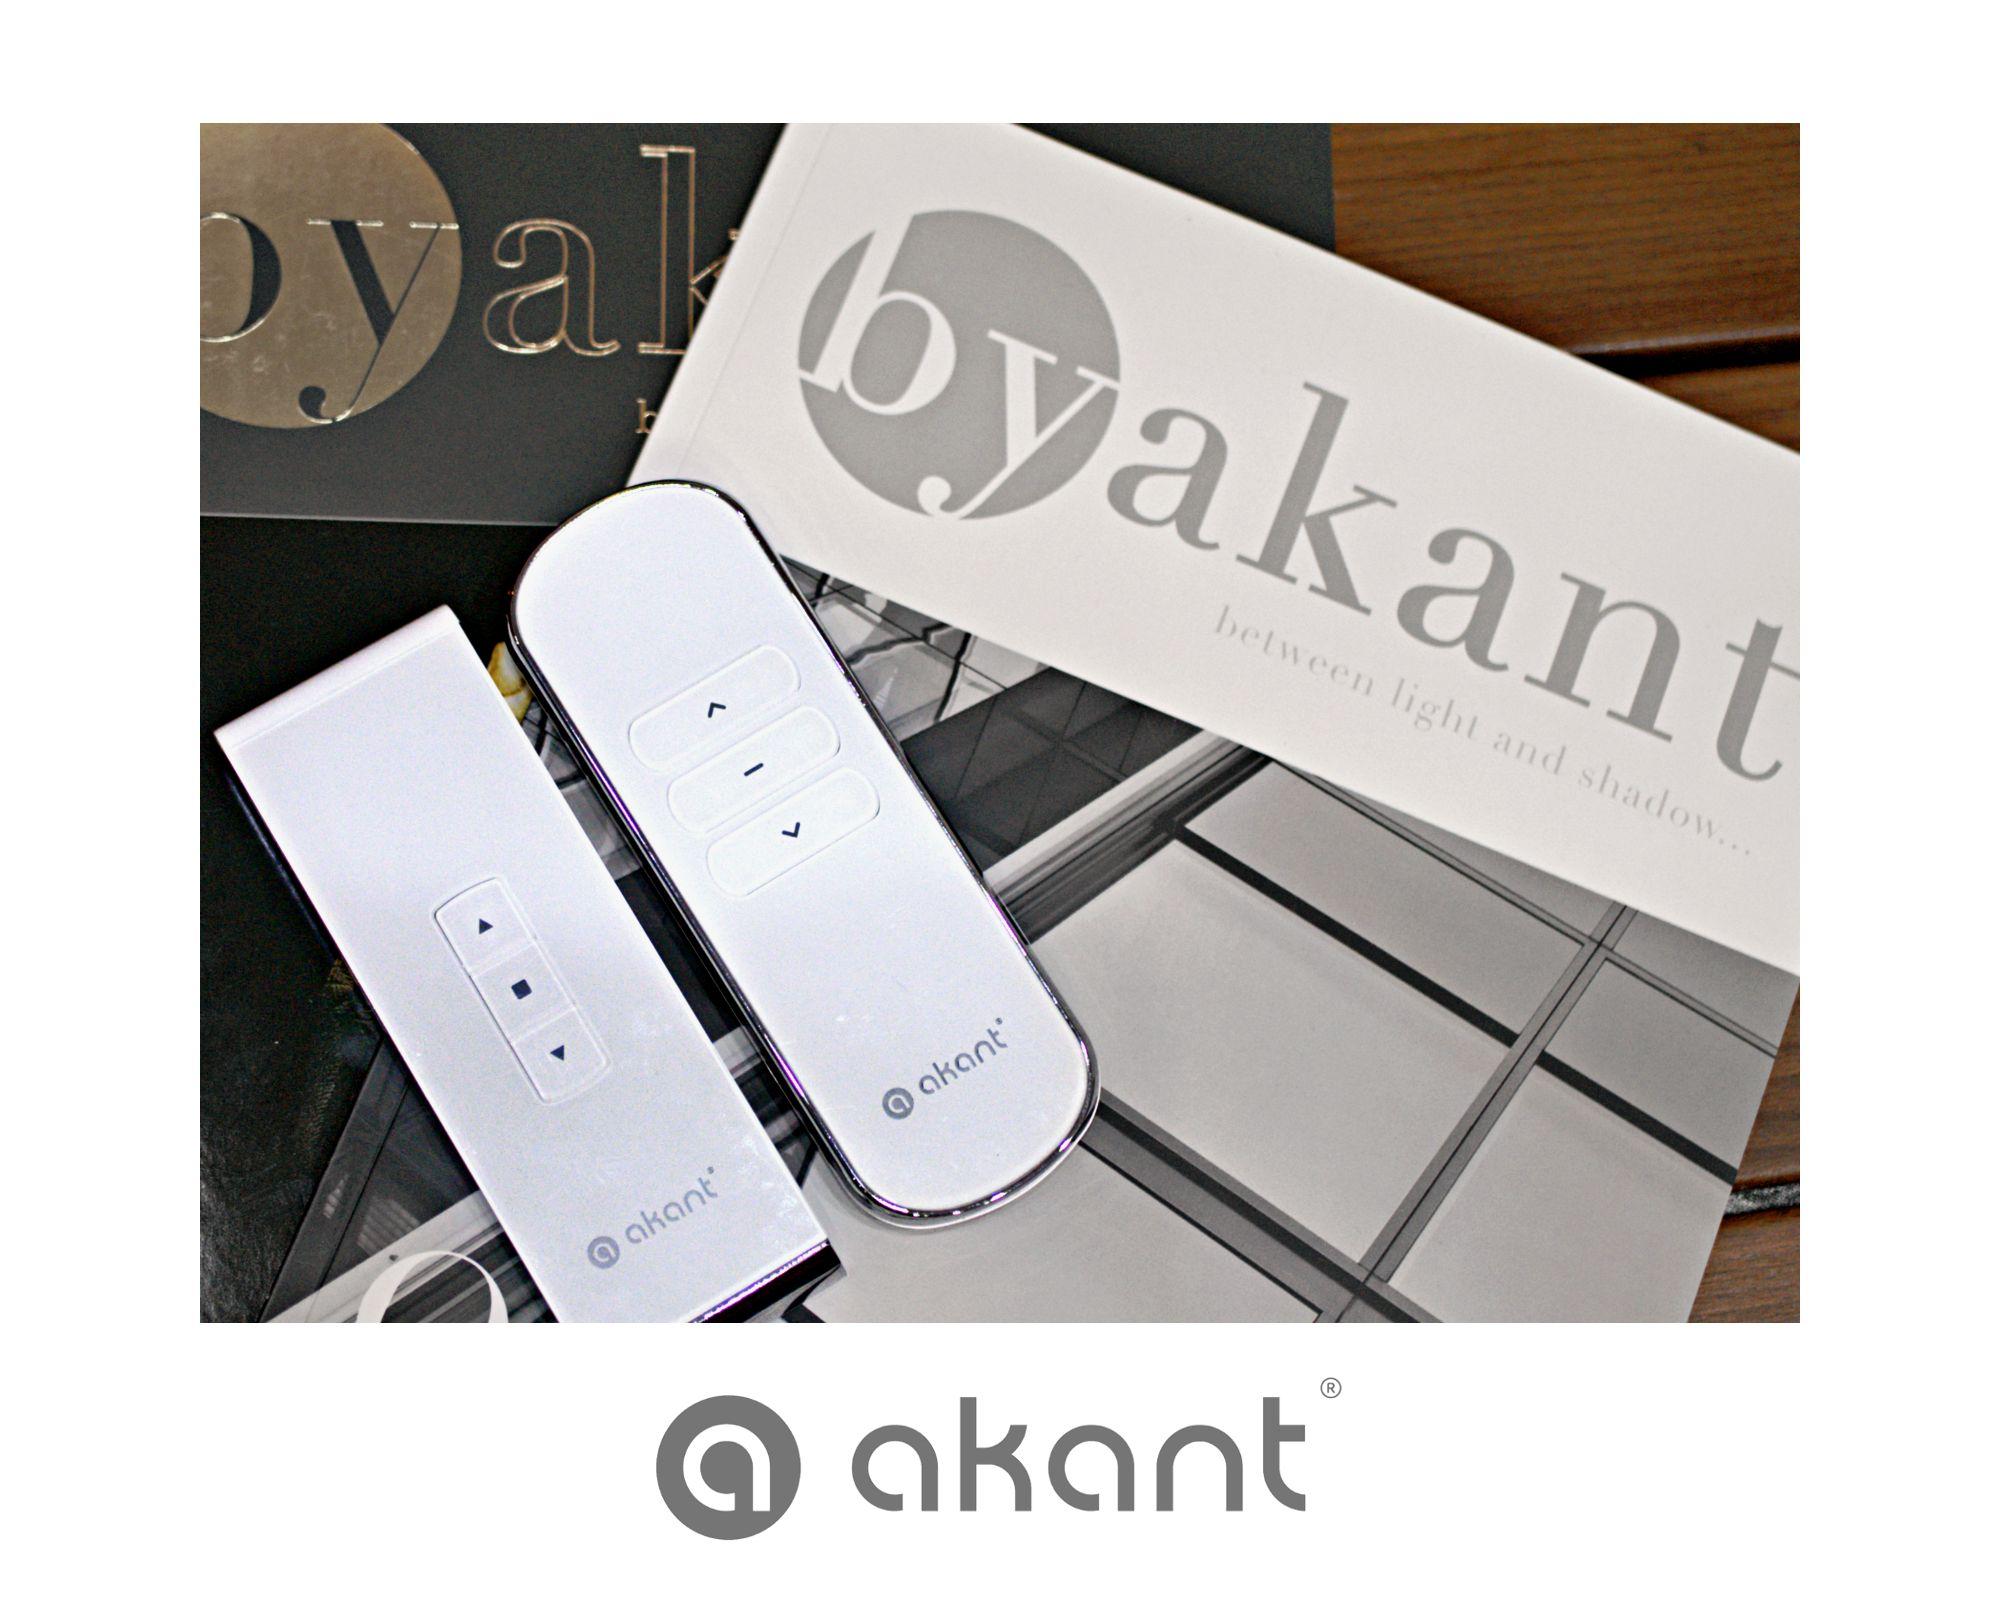 Piloty Akant to komfort użytkowania i znakomity design